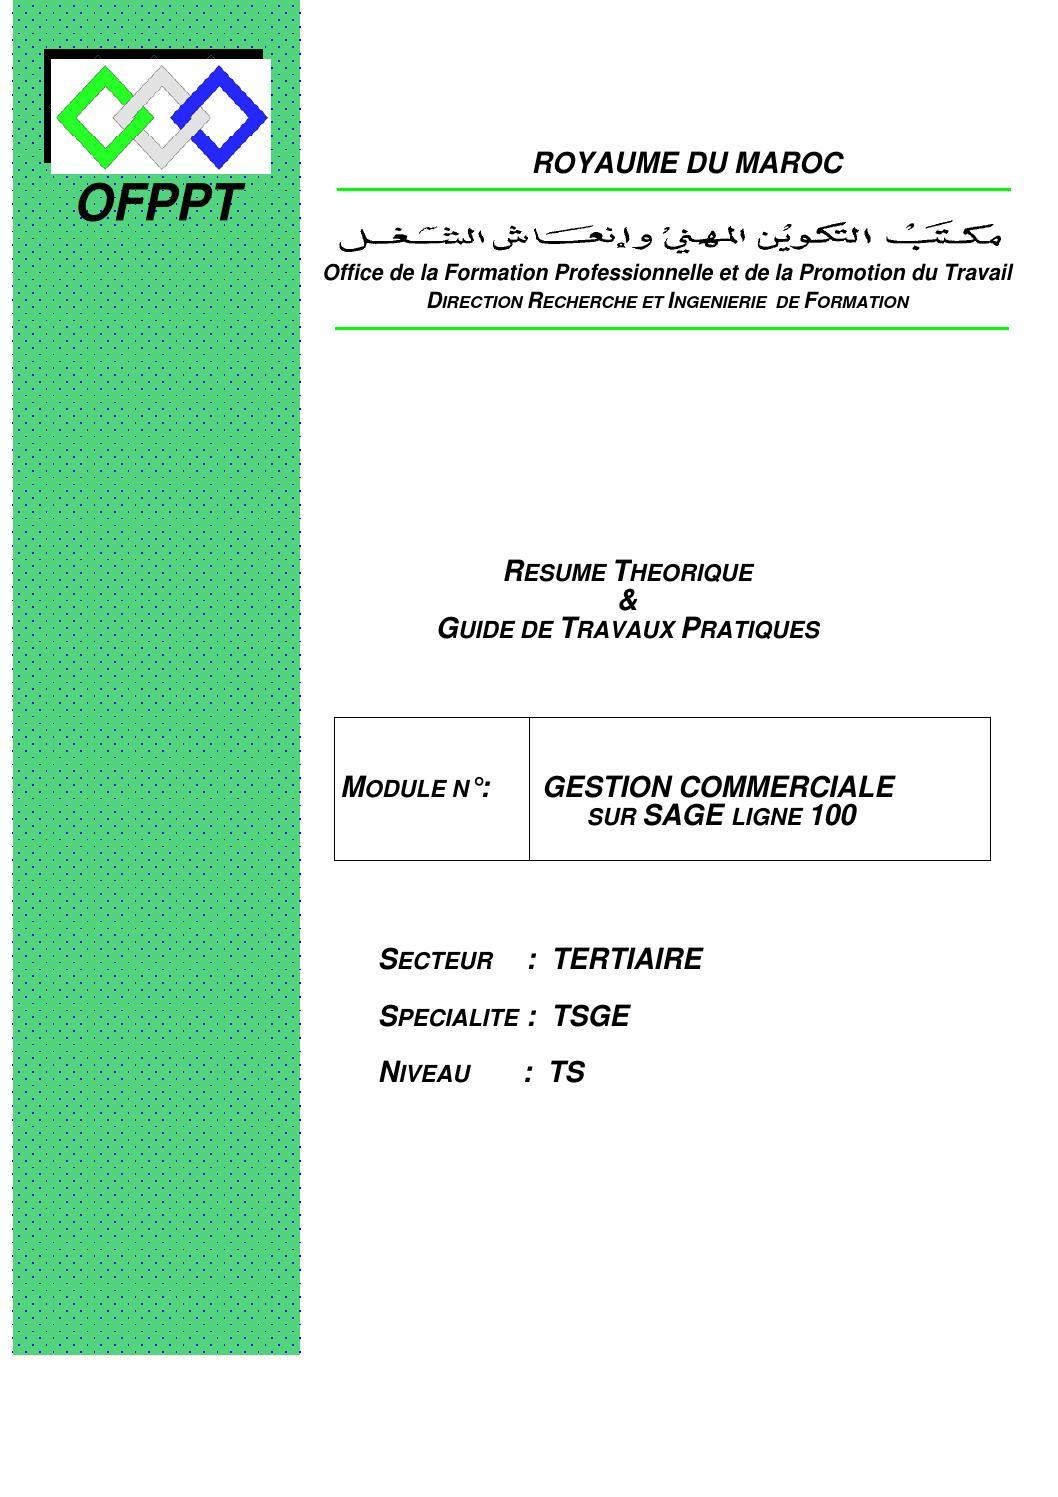 module 12 tsge logiciels de gestion comptabilit u00e9 paie commerce ofppt by semmah el